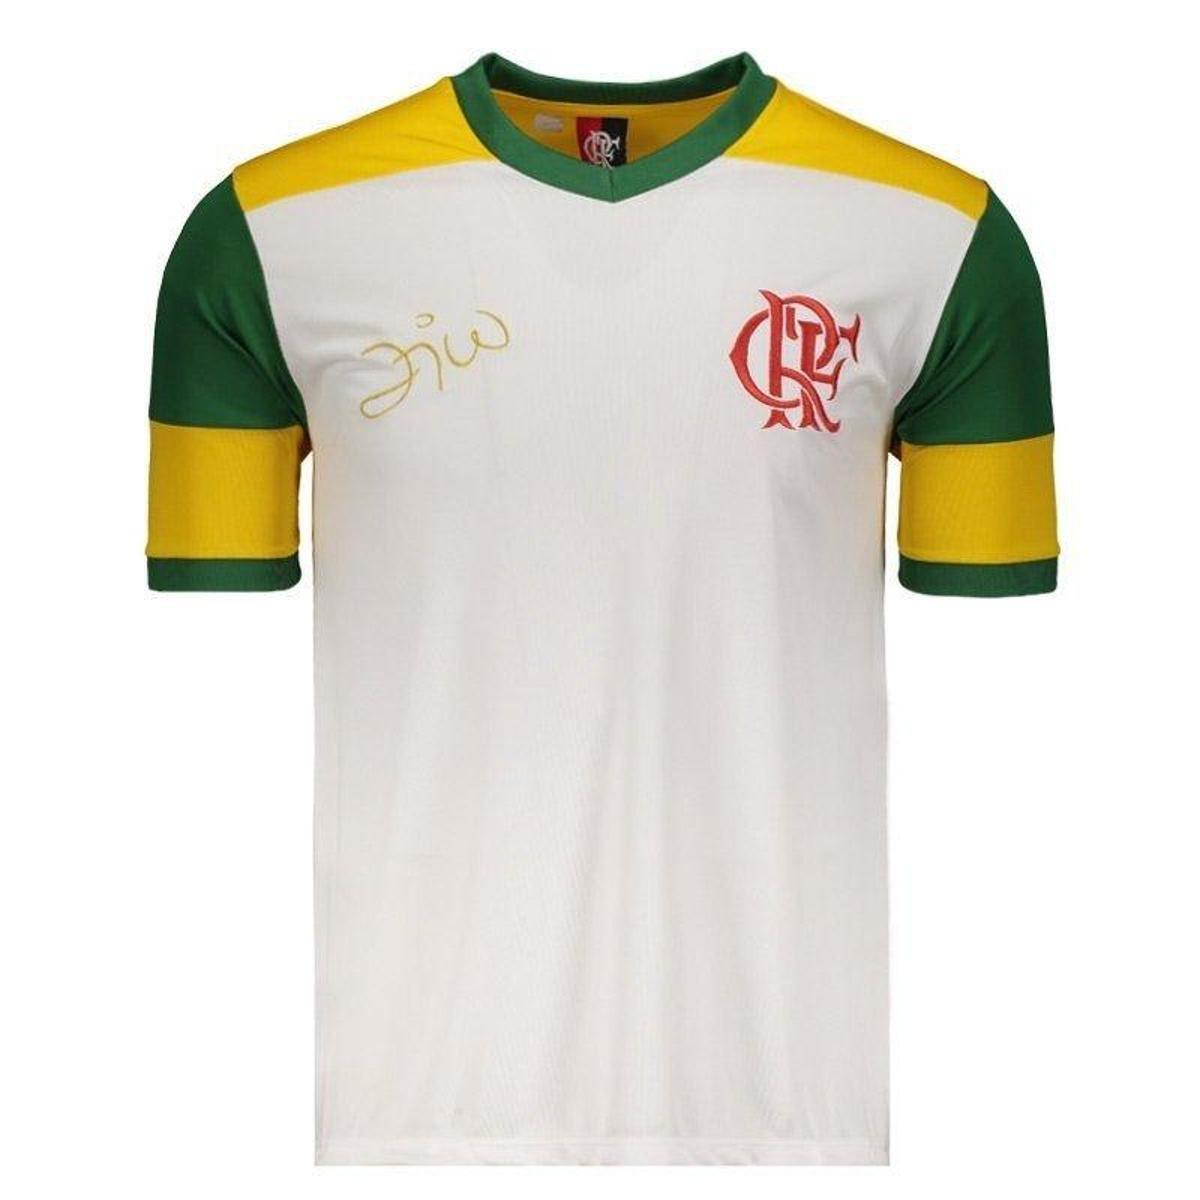 c0c790e146 Camisa Brasil Flamengo Zico Retrô Masculina - Branco - Compre Agora ...